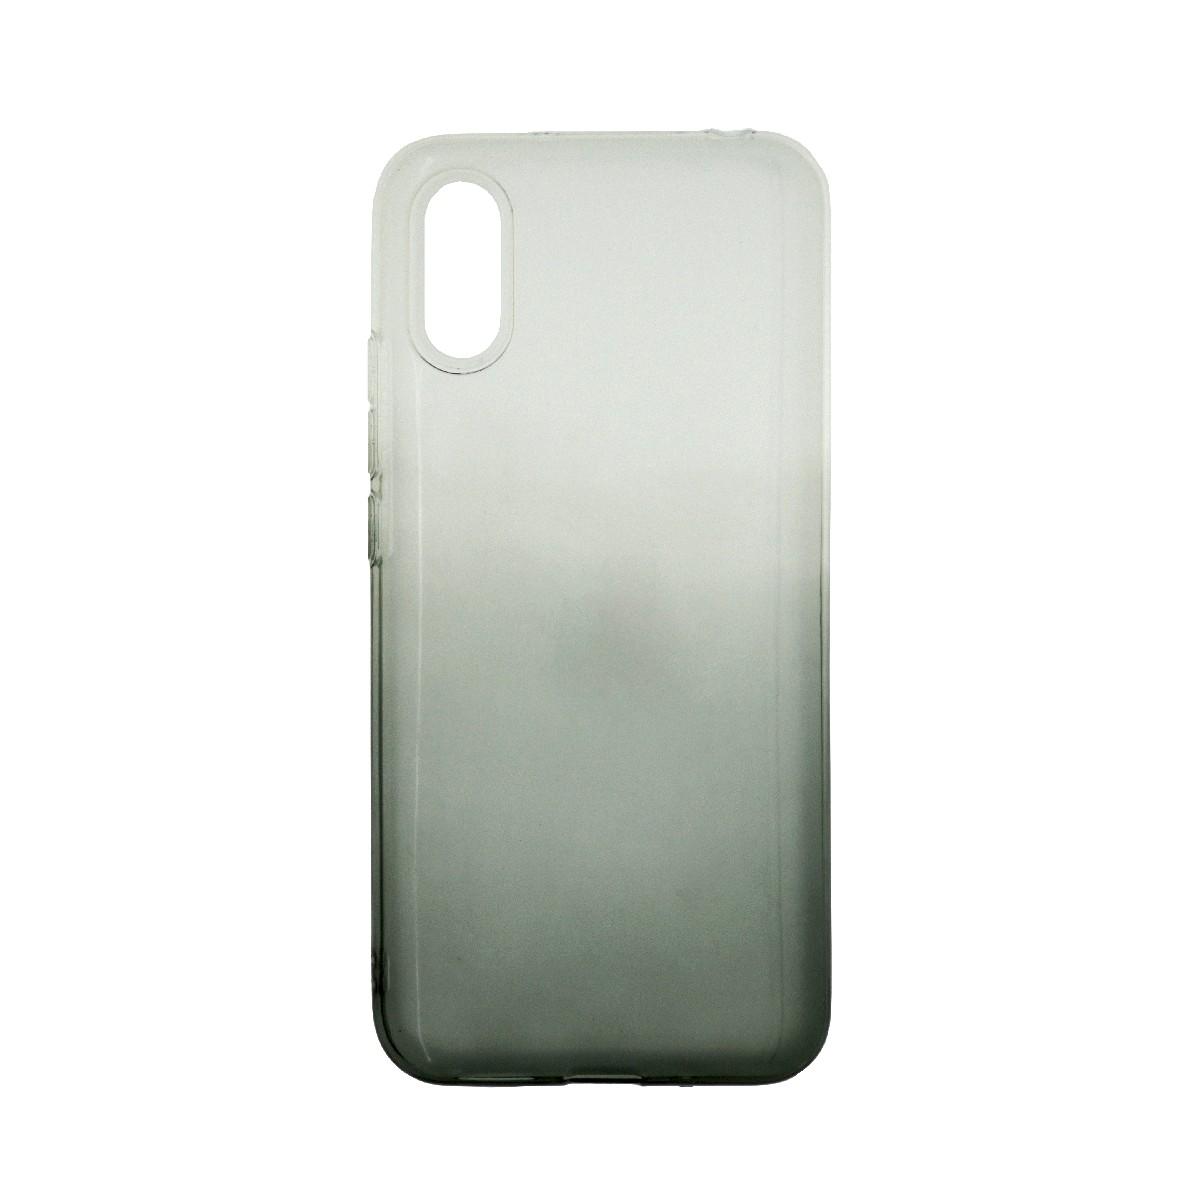 Θήκη Ancus Faceplate 2-in-1 Strass για Xiaomi Redmi 9A Μαύρη-Διάφανη